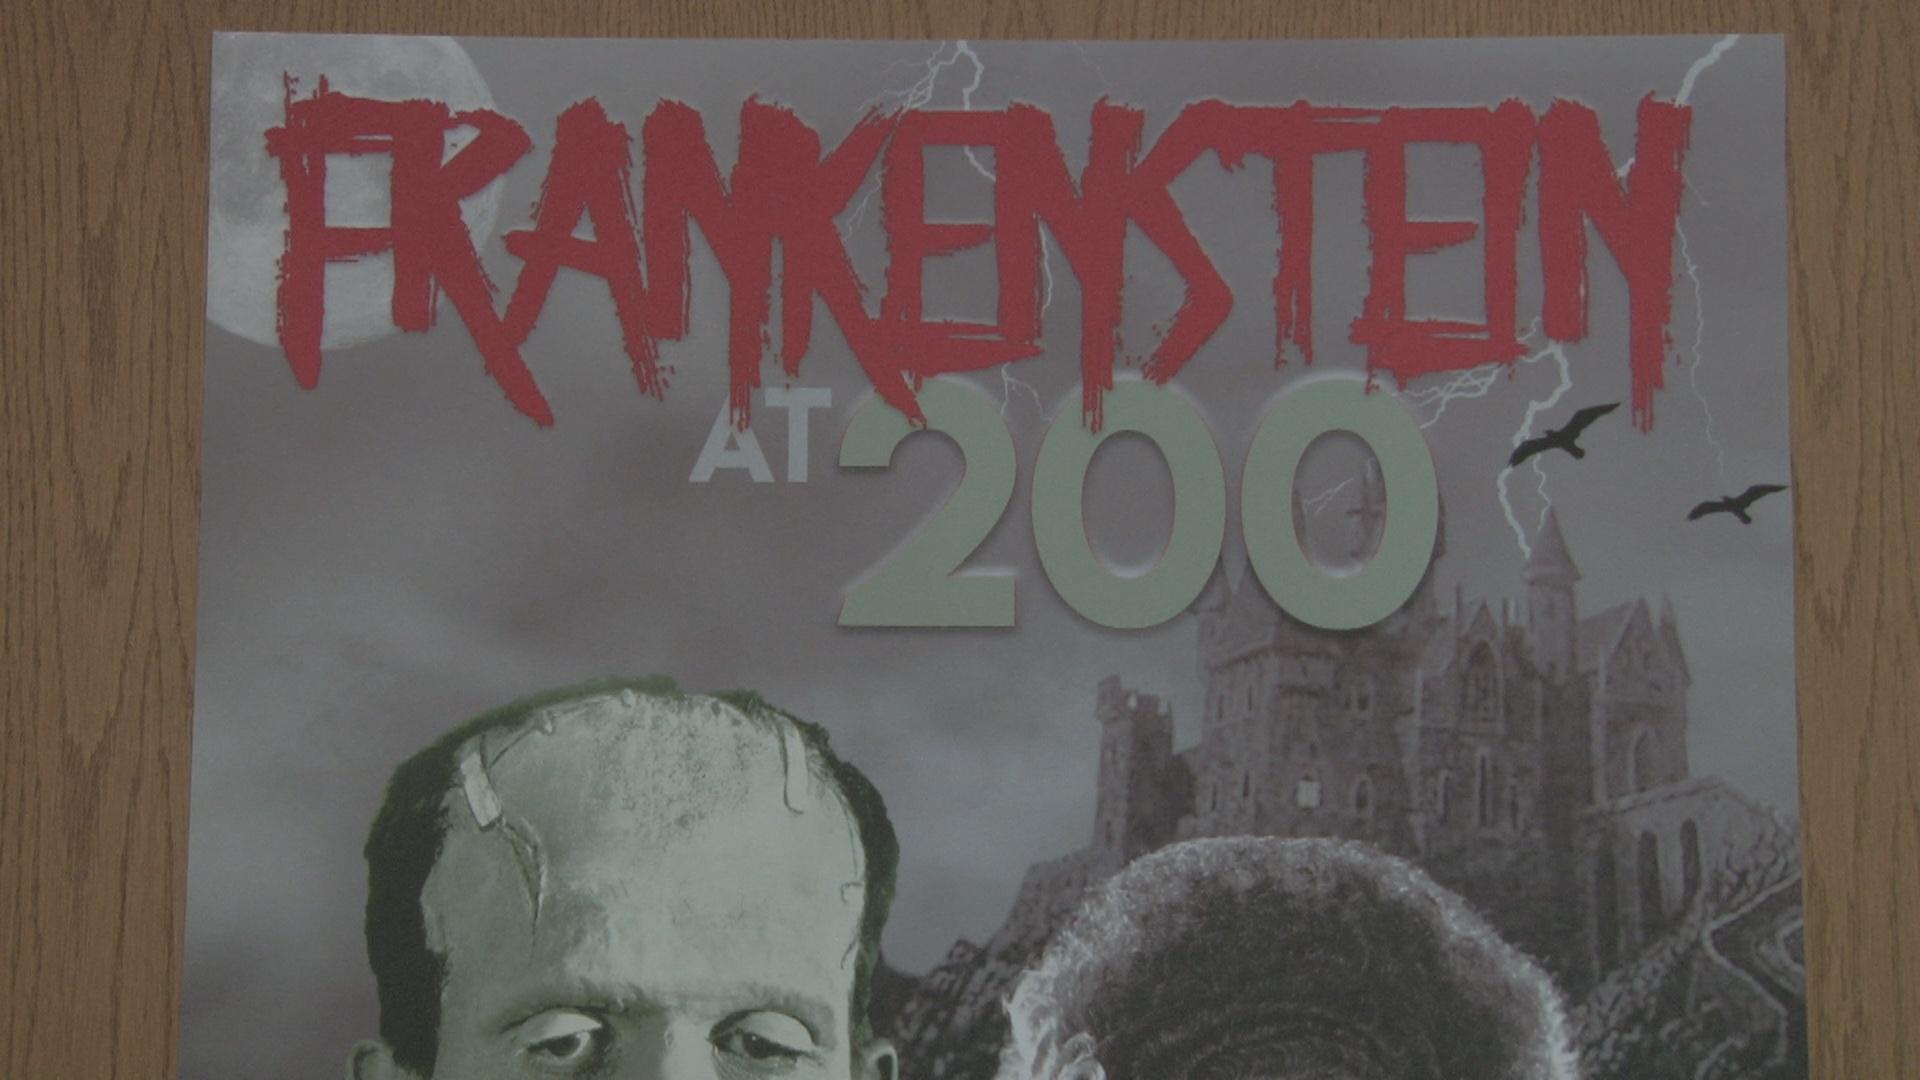 Frankenstein symposium_1522790346667.jpg